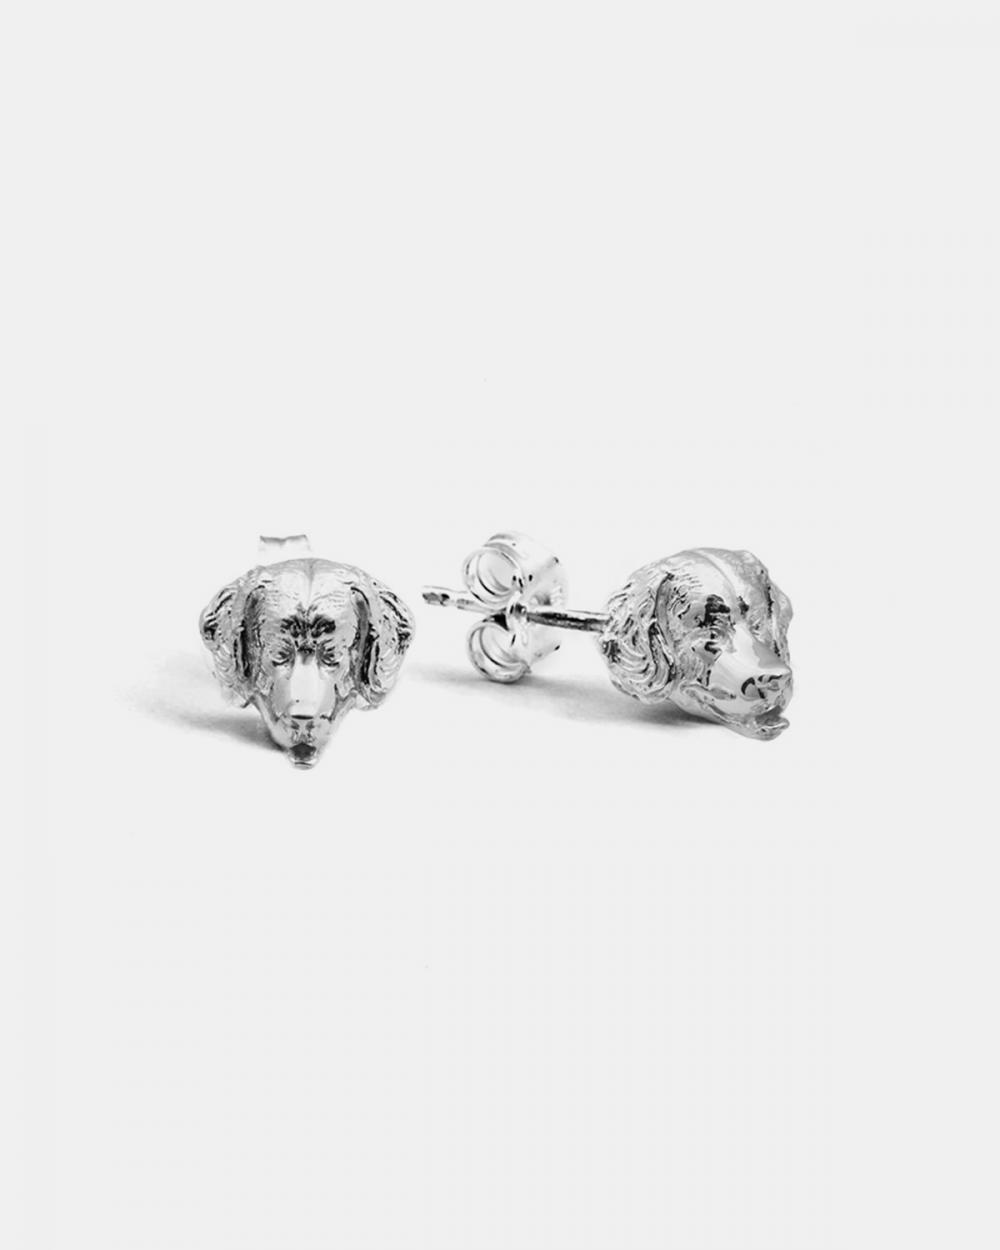 Earrings BERNESE MOUNTAIN DOG COUPLE EARRINGS / POLISHED SILVER NOVE25